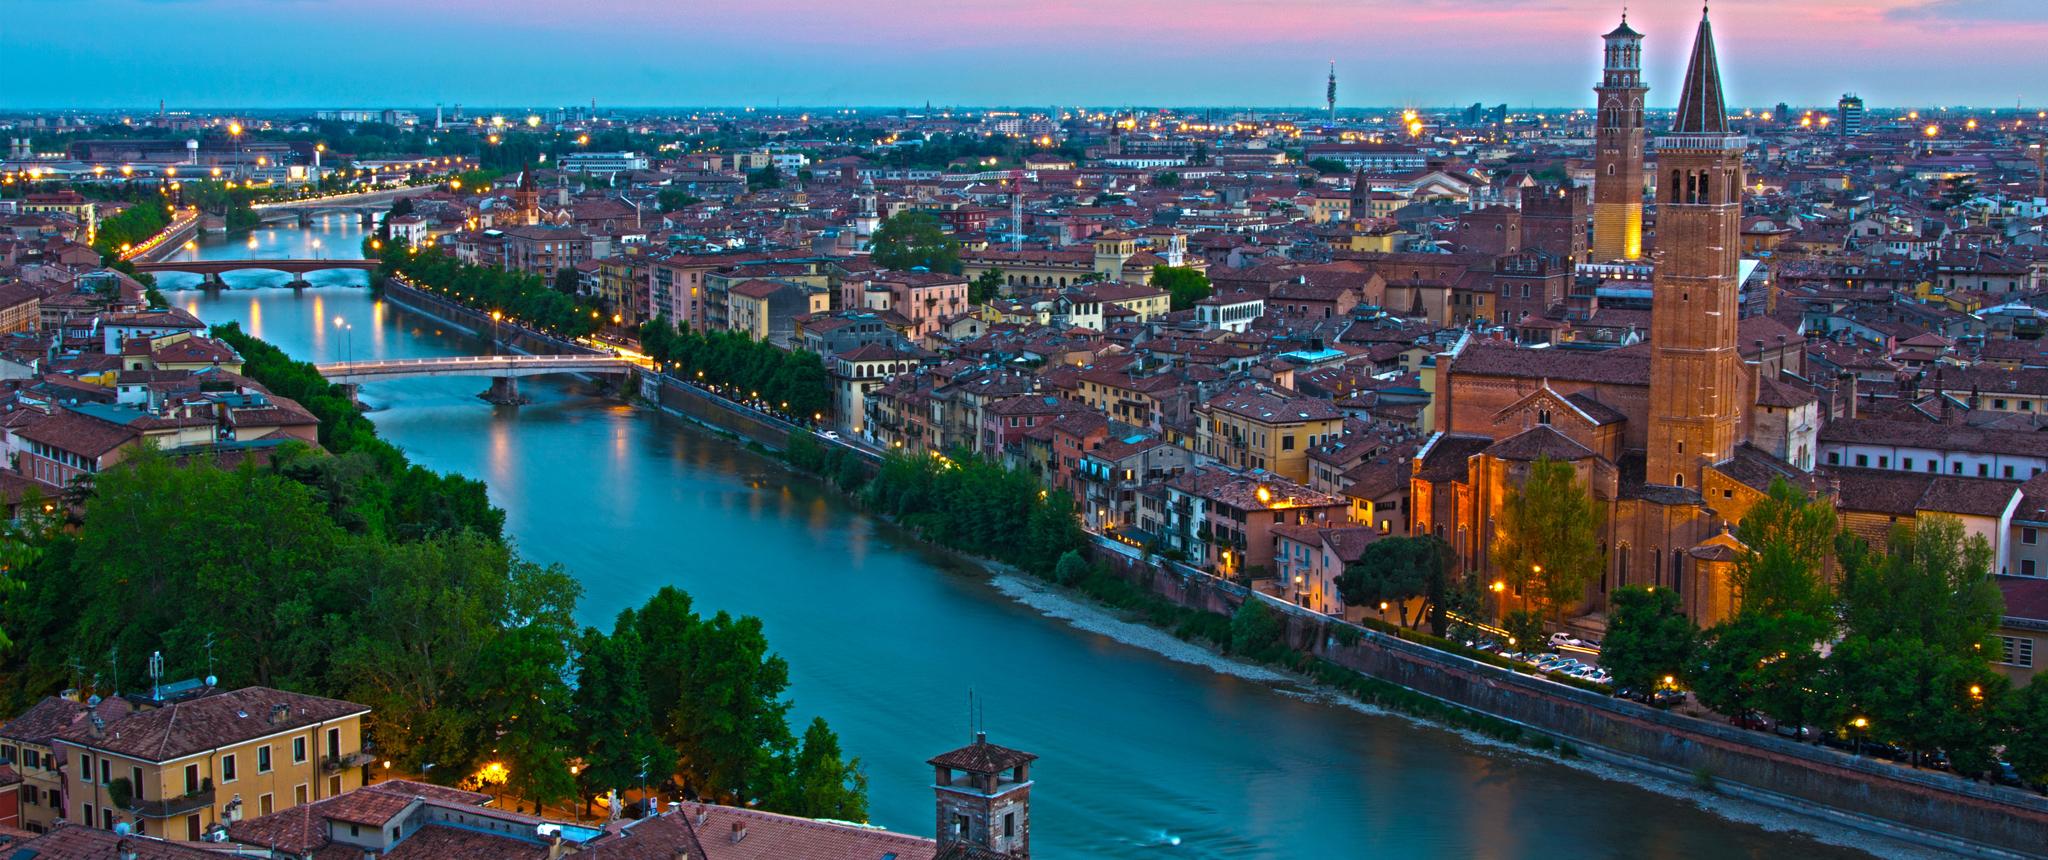 Rapidissimi nel comune di Verona